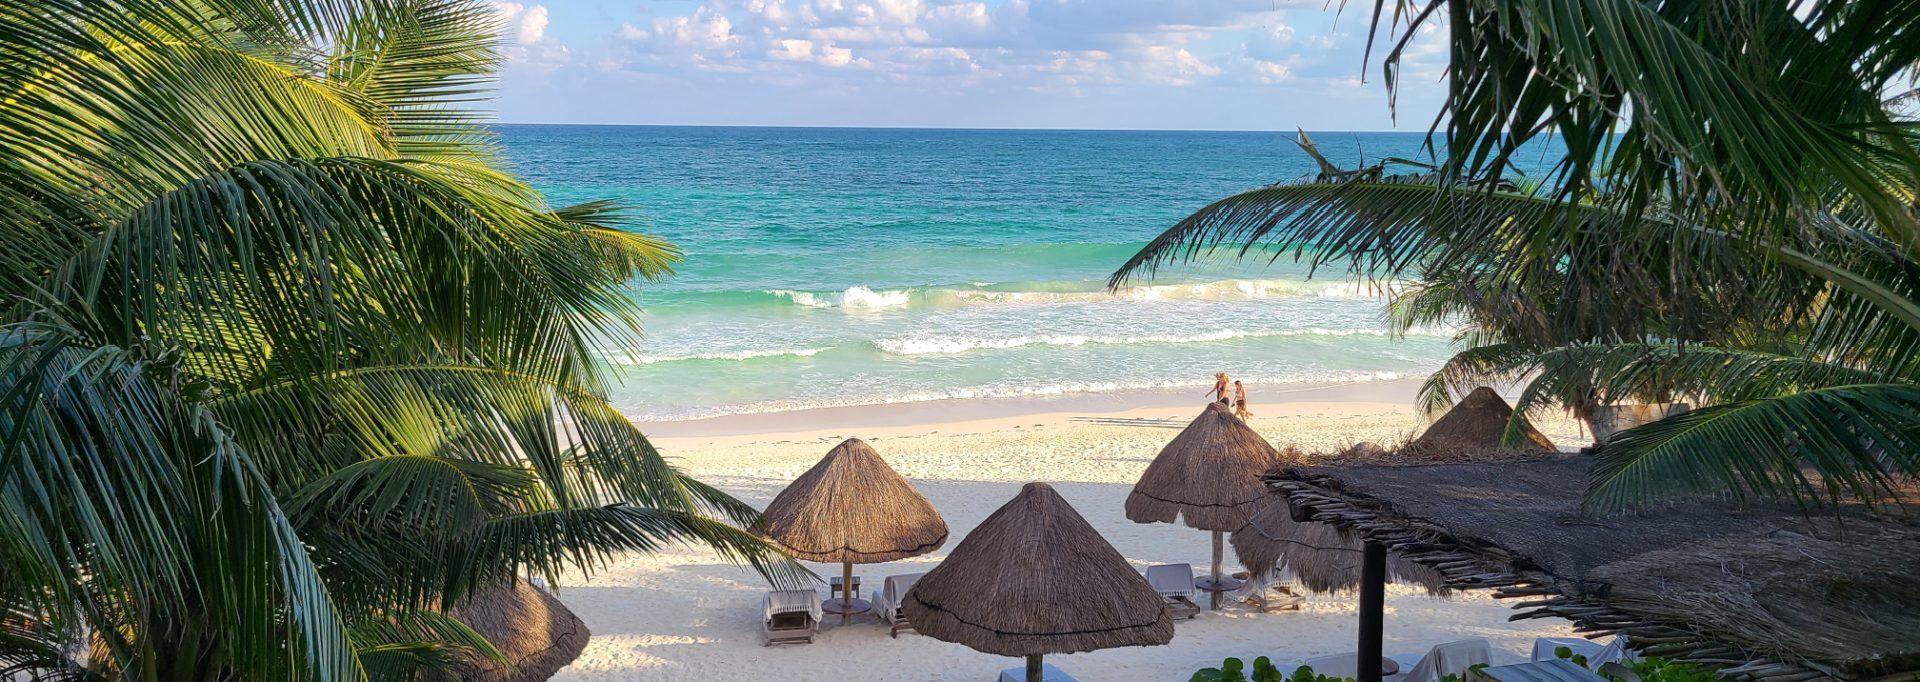 Best Beaches in Cancun Tulum